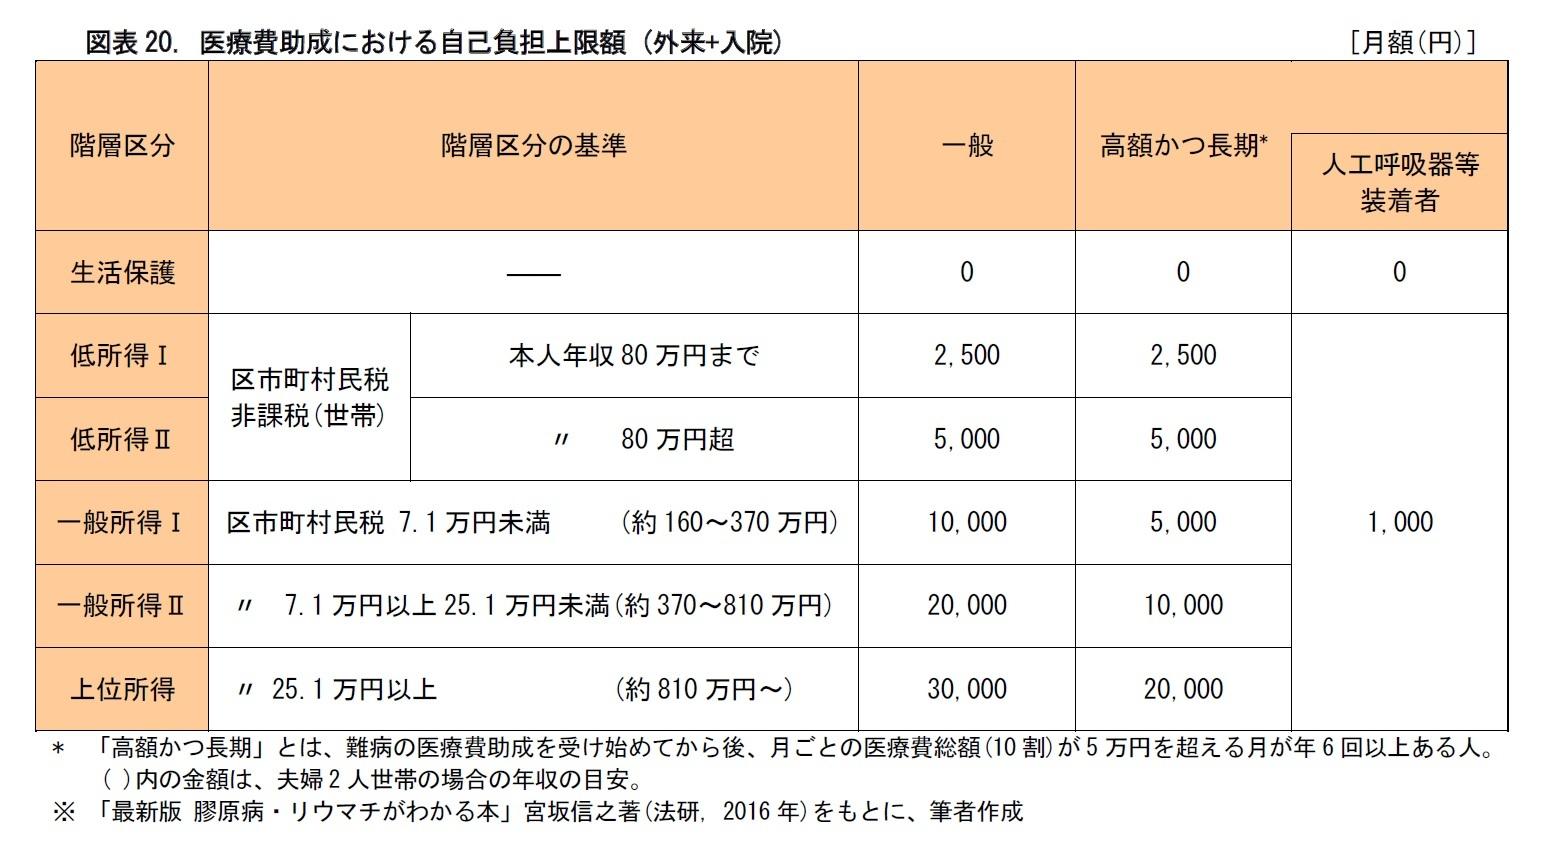 図表20. 医療費助成における自己負担上限額 (外来+入院)